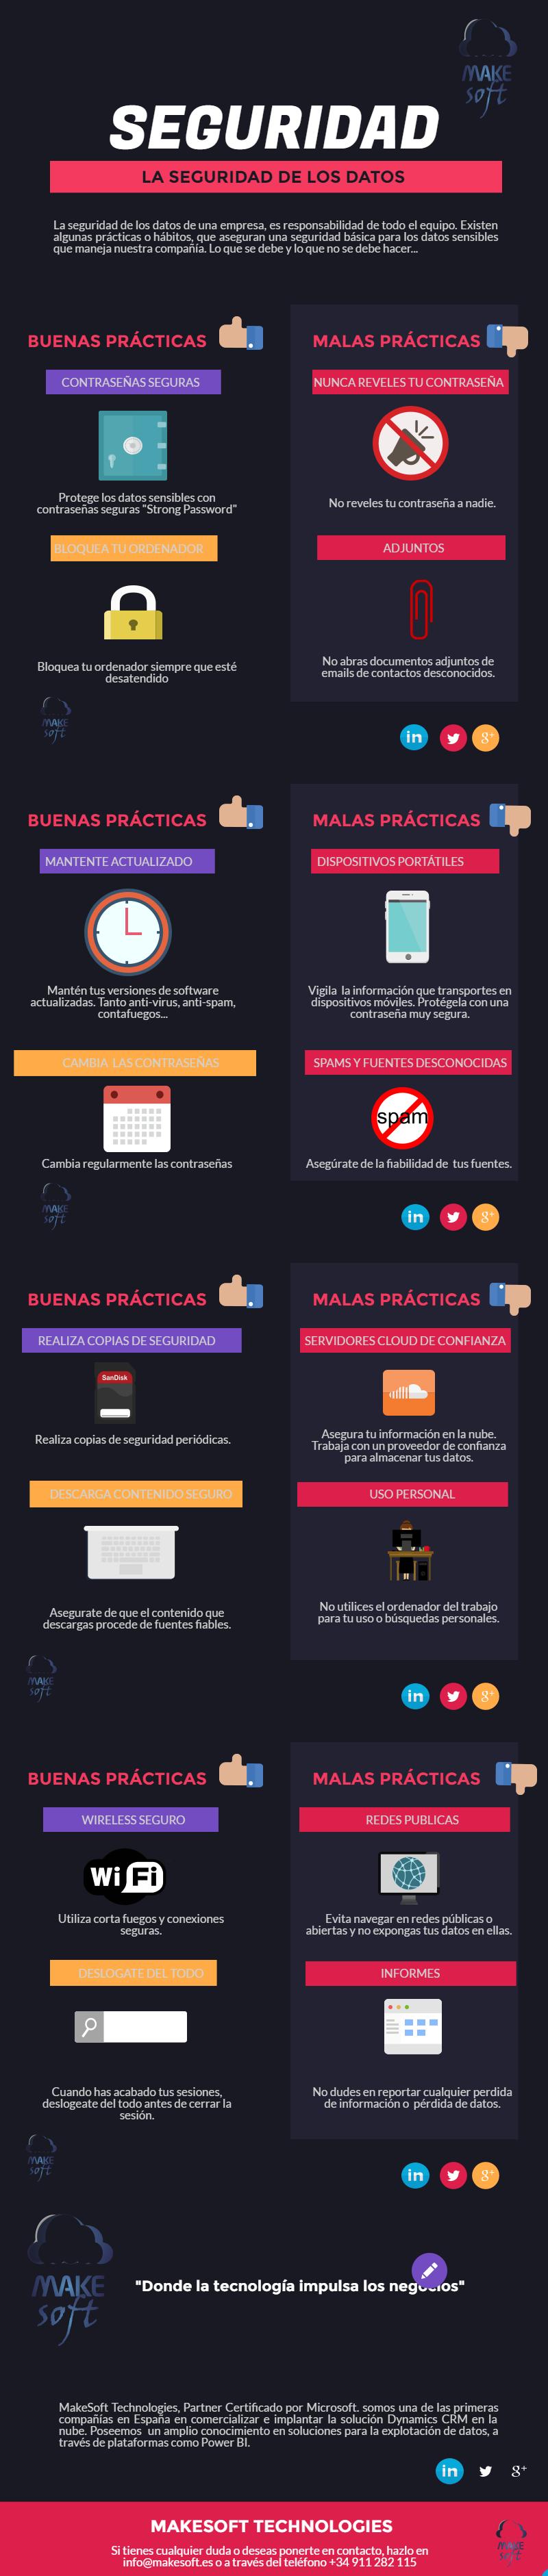 Buenas y malas prácticas sobre la Seguridad de tus Datos #infografia #infographic